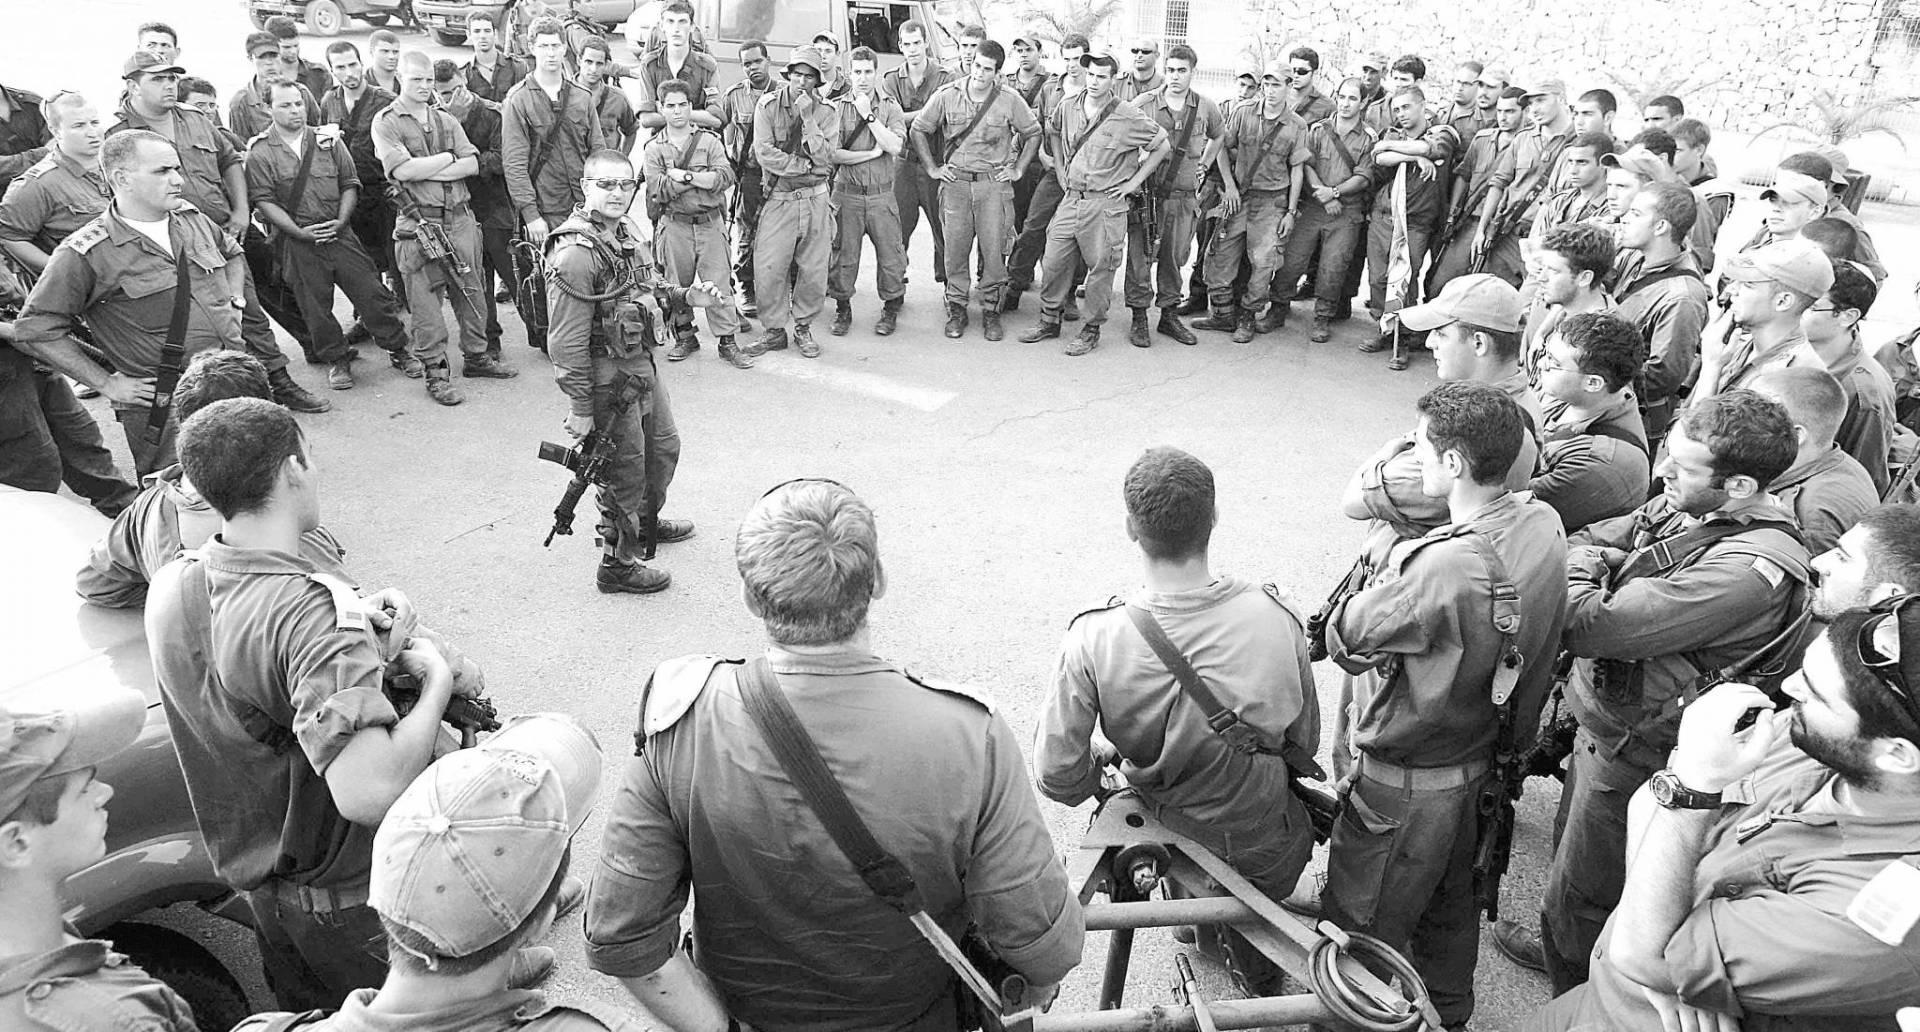 العدوان الإسرائيلي.. صورة أرشيفية